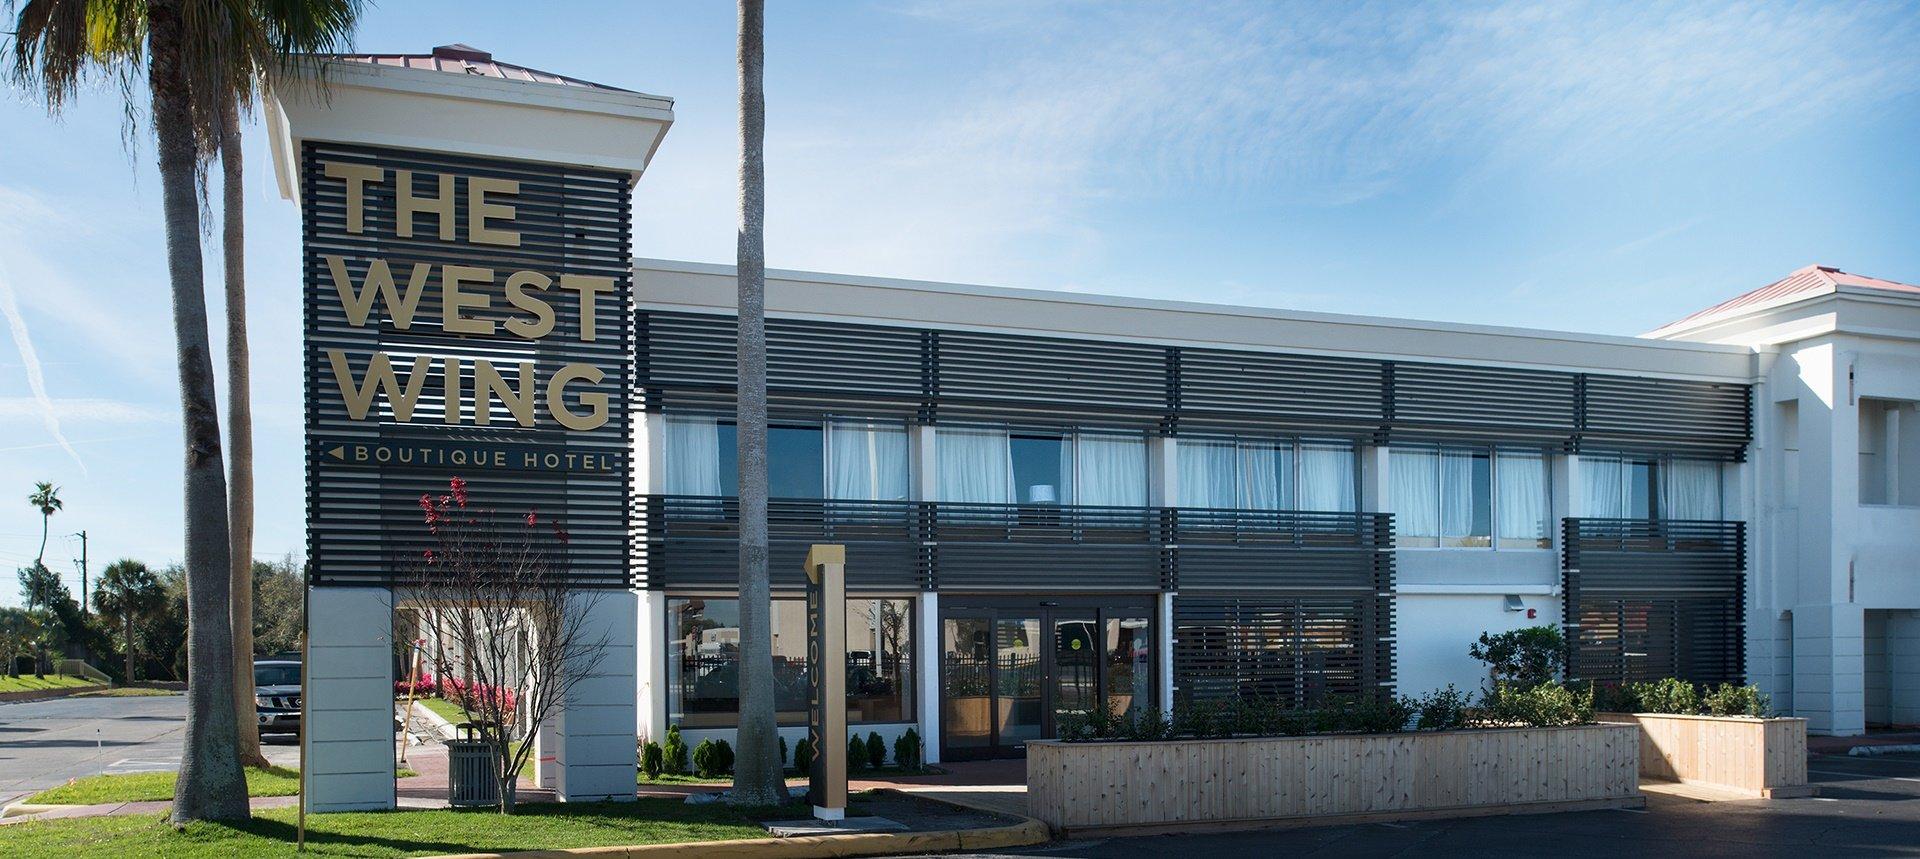 Thông tin tổng quan, khó khăn và kết quả đạt được của dự án The West Wing Hotel